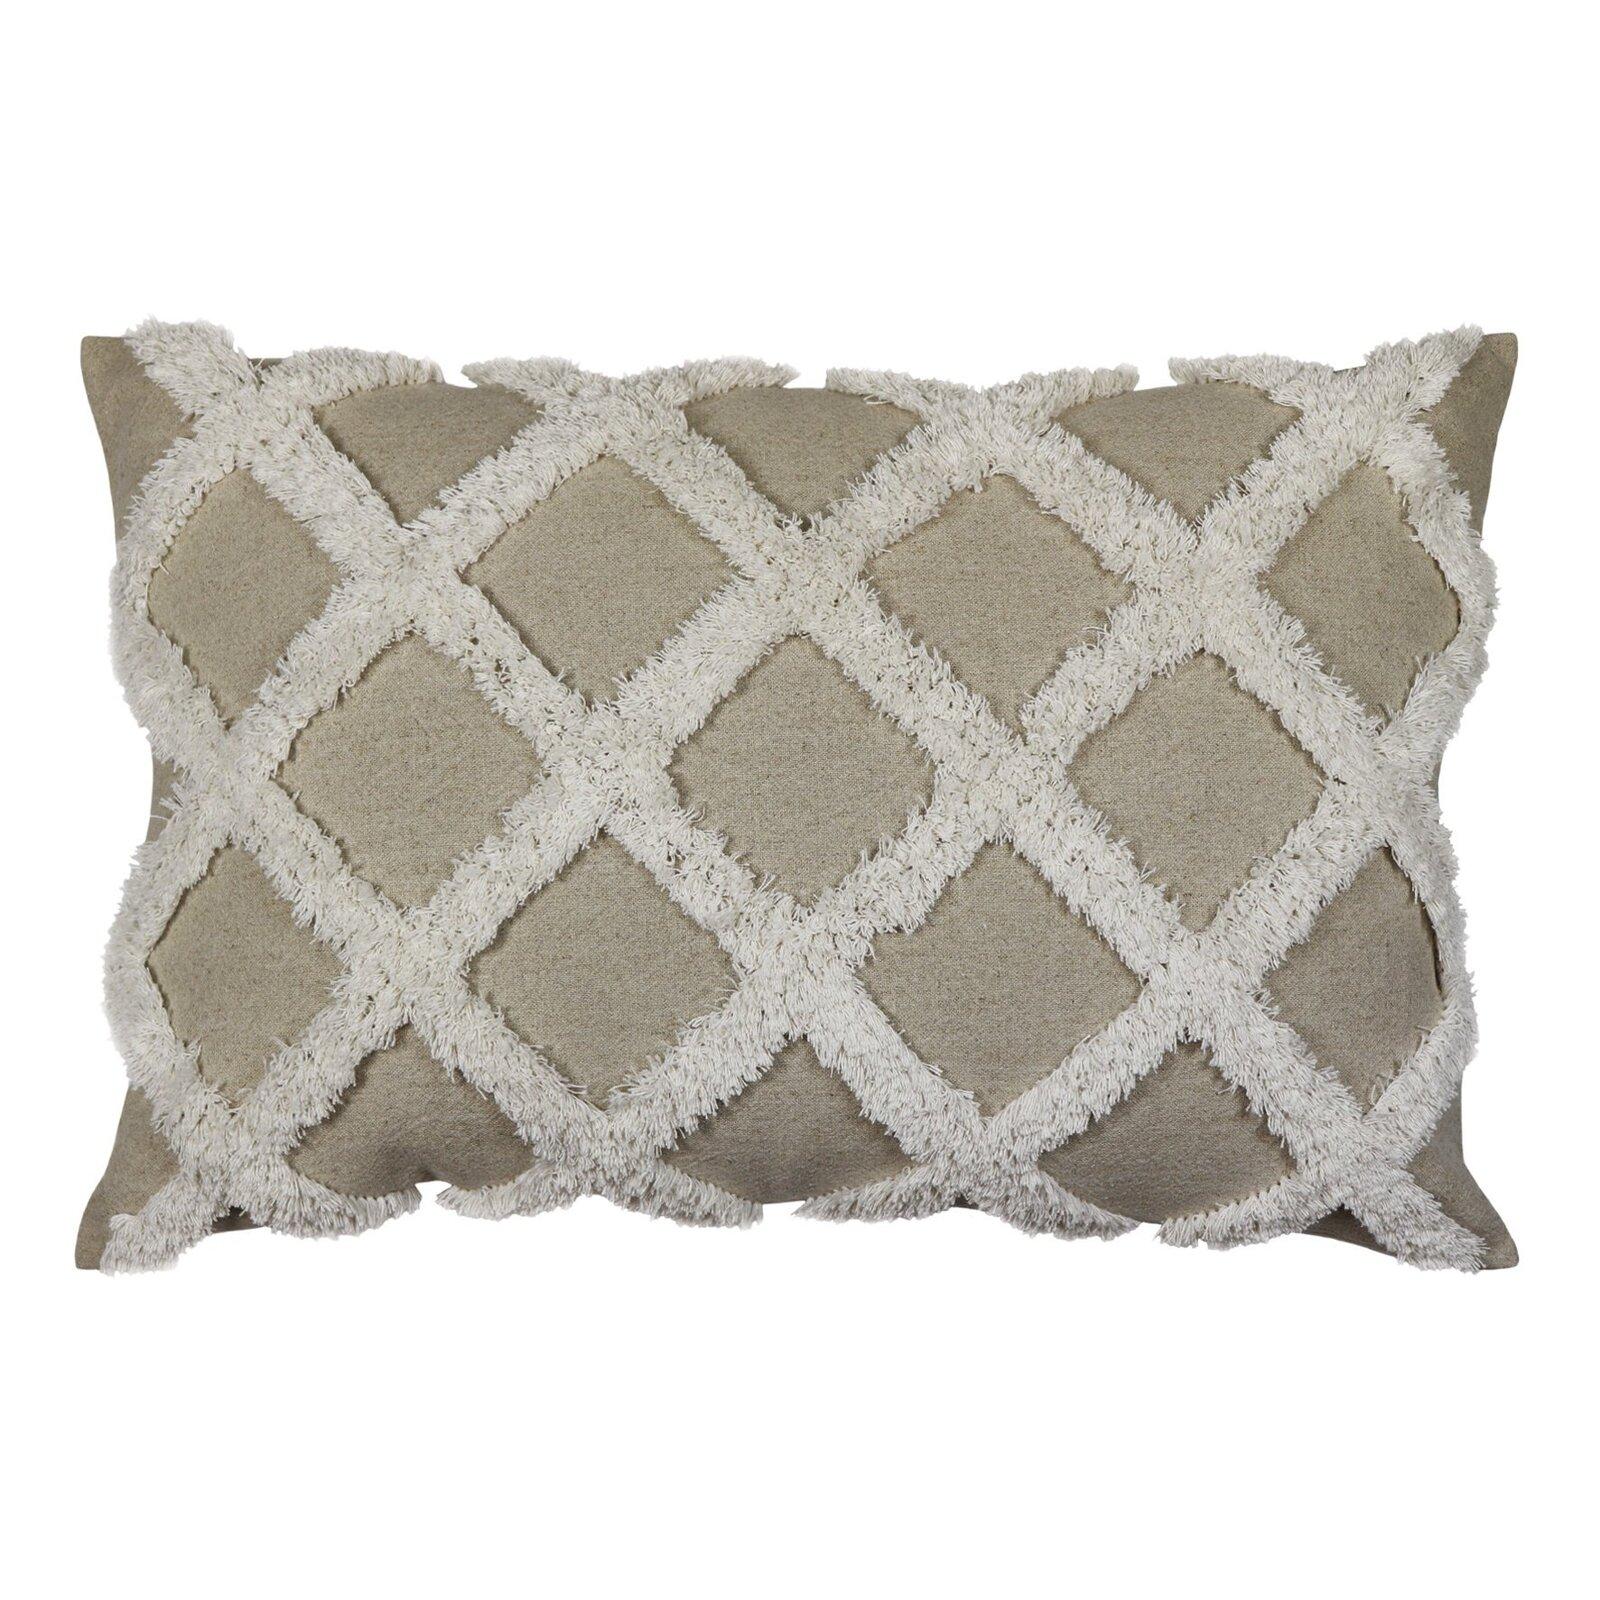 Avoca Lumbar Cushion - Natural